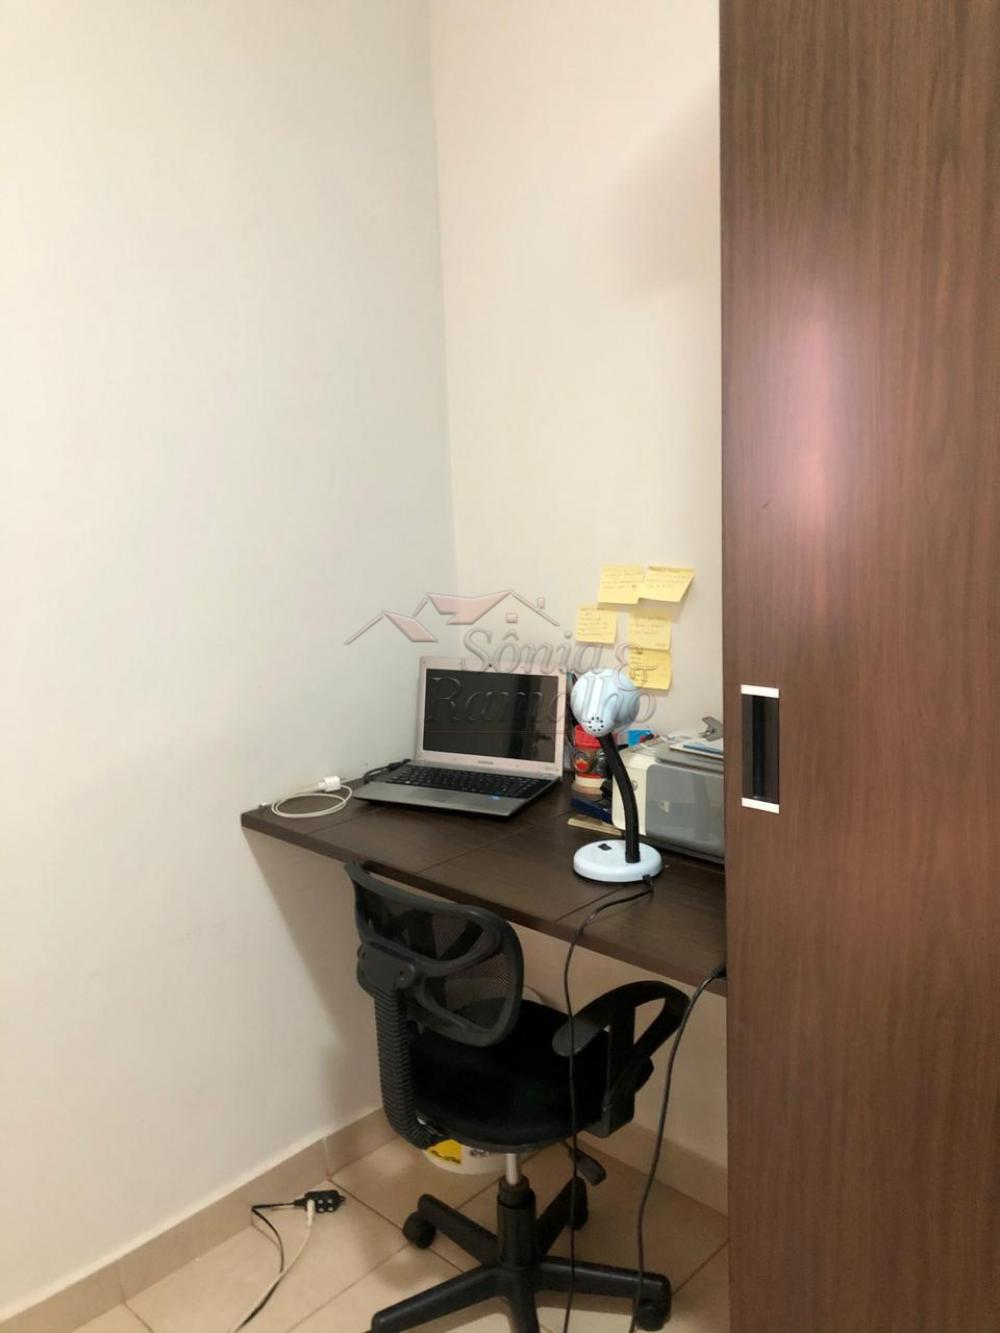 Comprar Apartamentos / Padrão em Ribeirão Preto R$ 229.000,00 - Foto 13